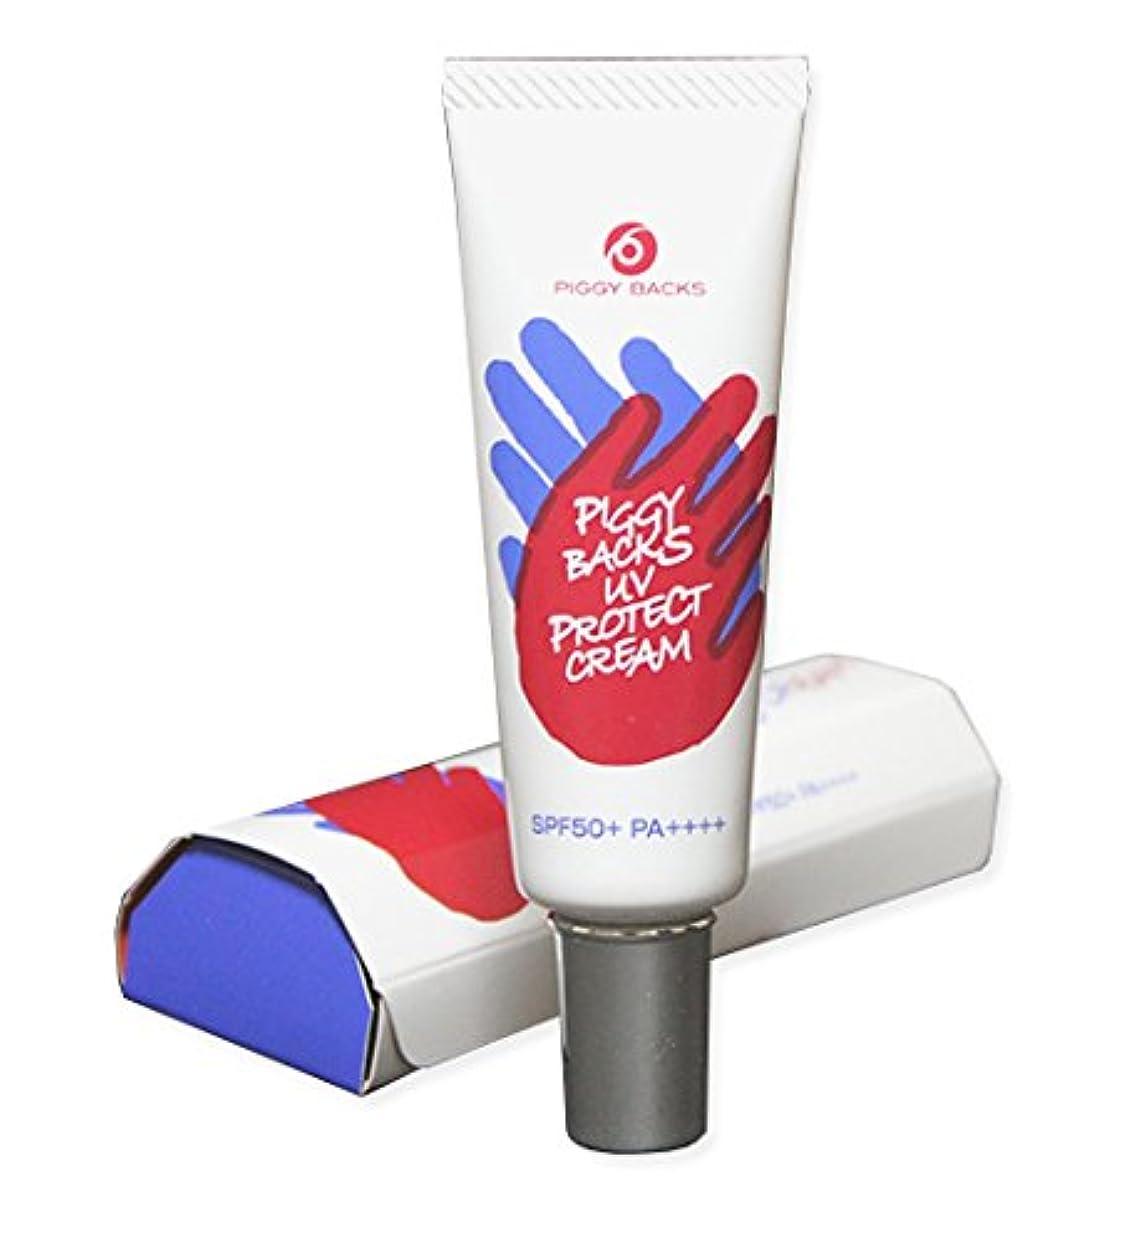 任意励起病的ピギーバックス UVプロテクトクリーム【SPF50+、PA++++】国内最高紫外線防御力なのにノンケミカルを実現!塗り直しがいらない日焼け止めクリーム